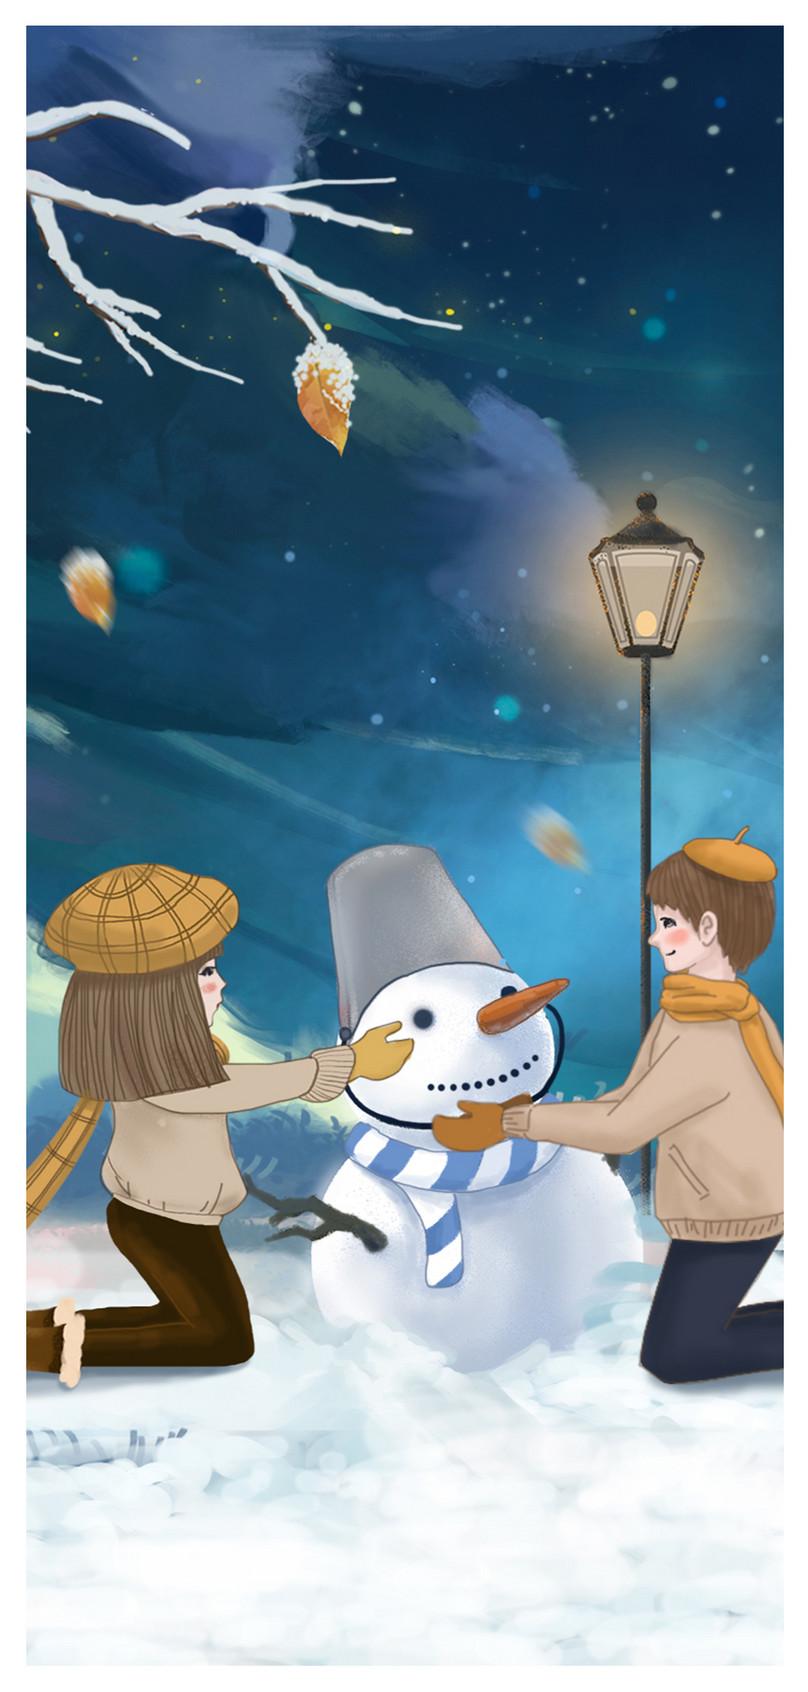 冬の雪だるまの携帯電話の壁紙イメージ 背景 Id 400895954 Prf画像